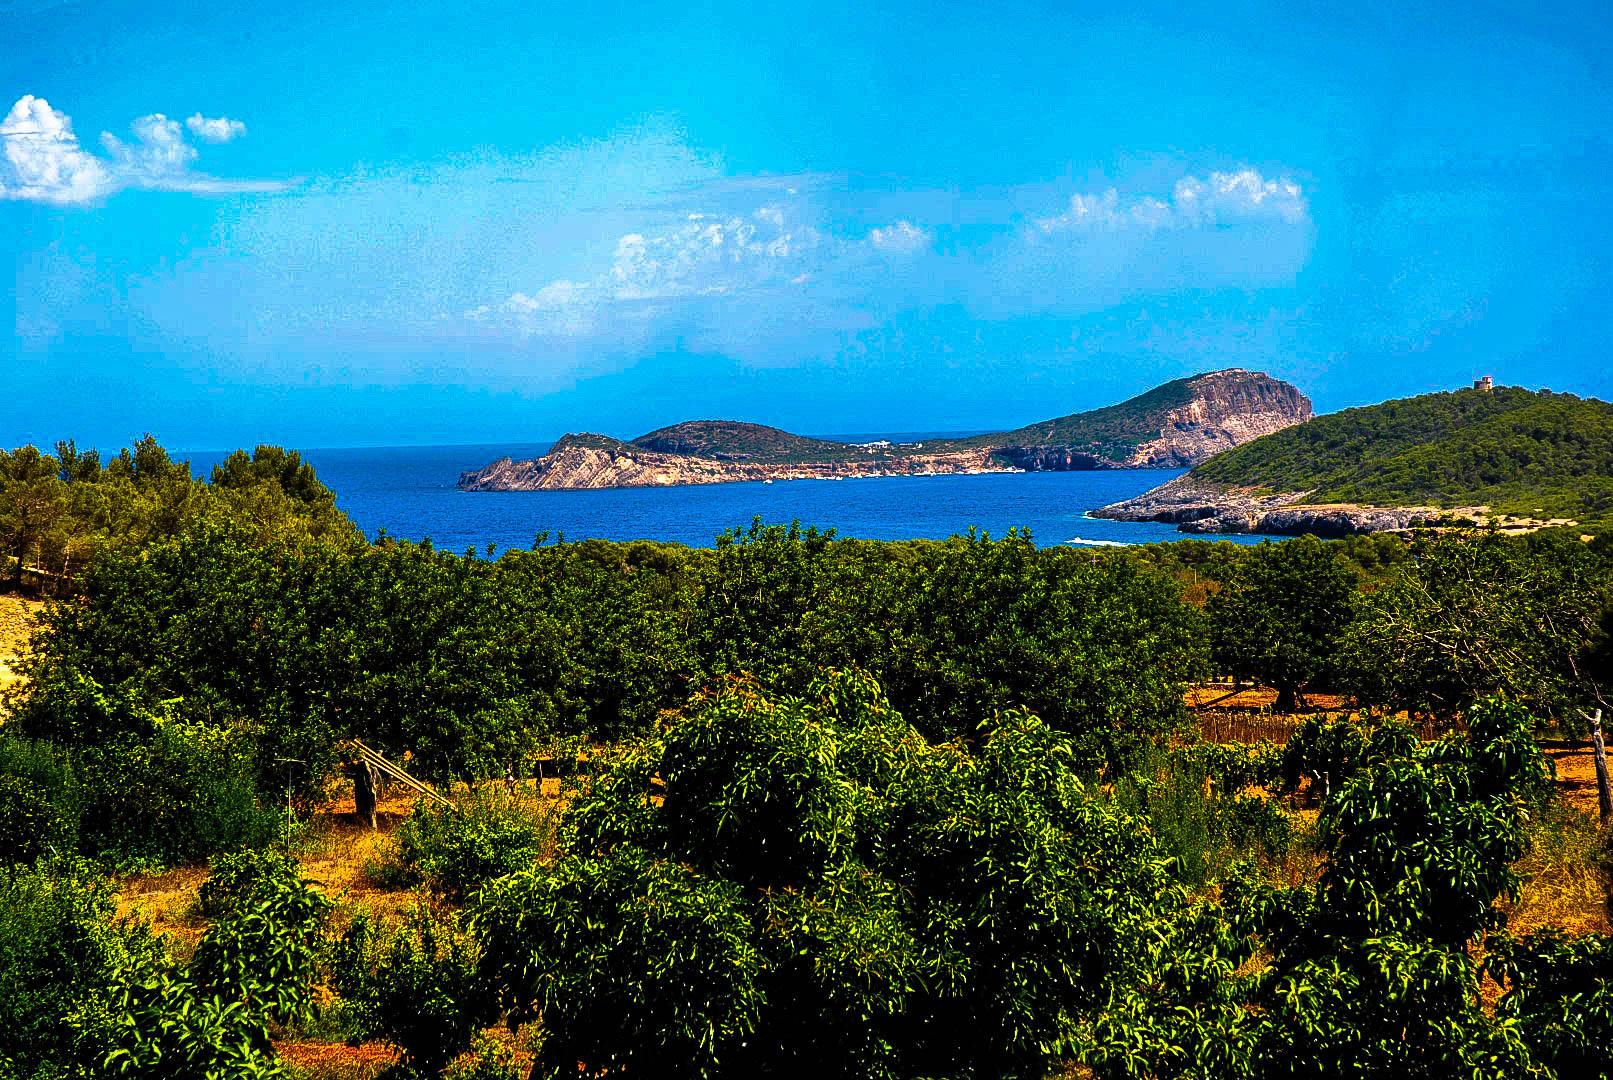 Spagna: la profumata primavera delle Baleari